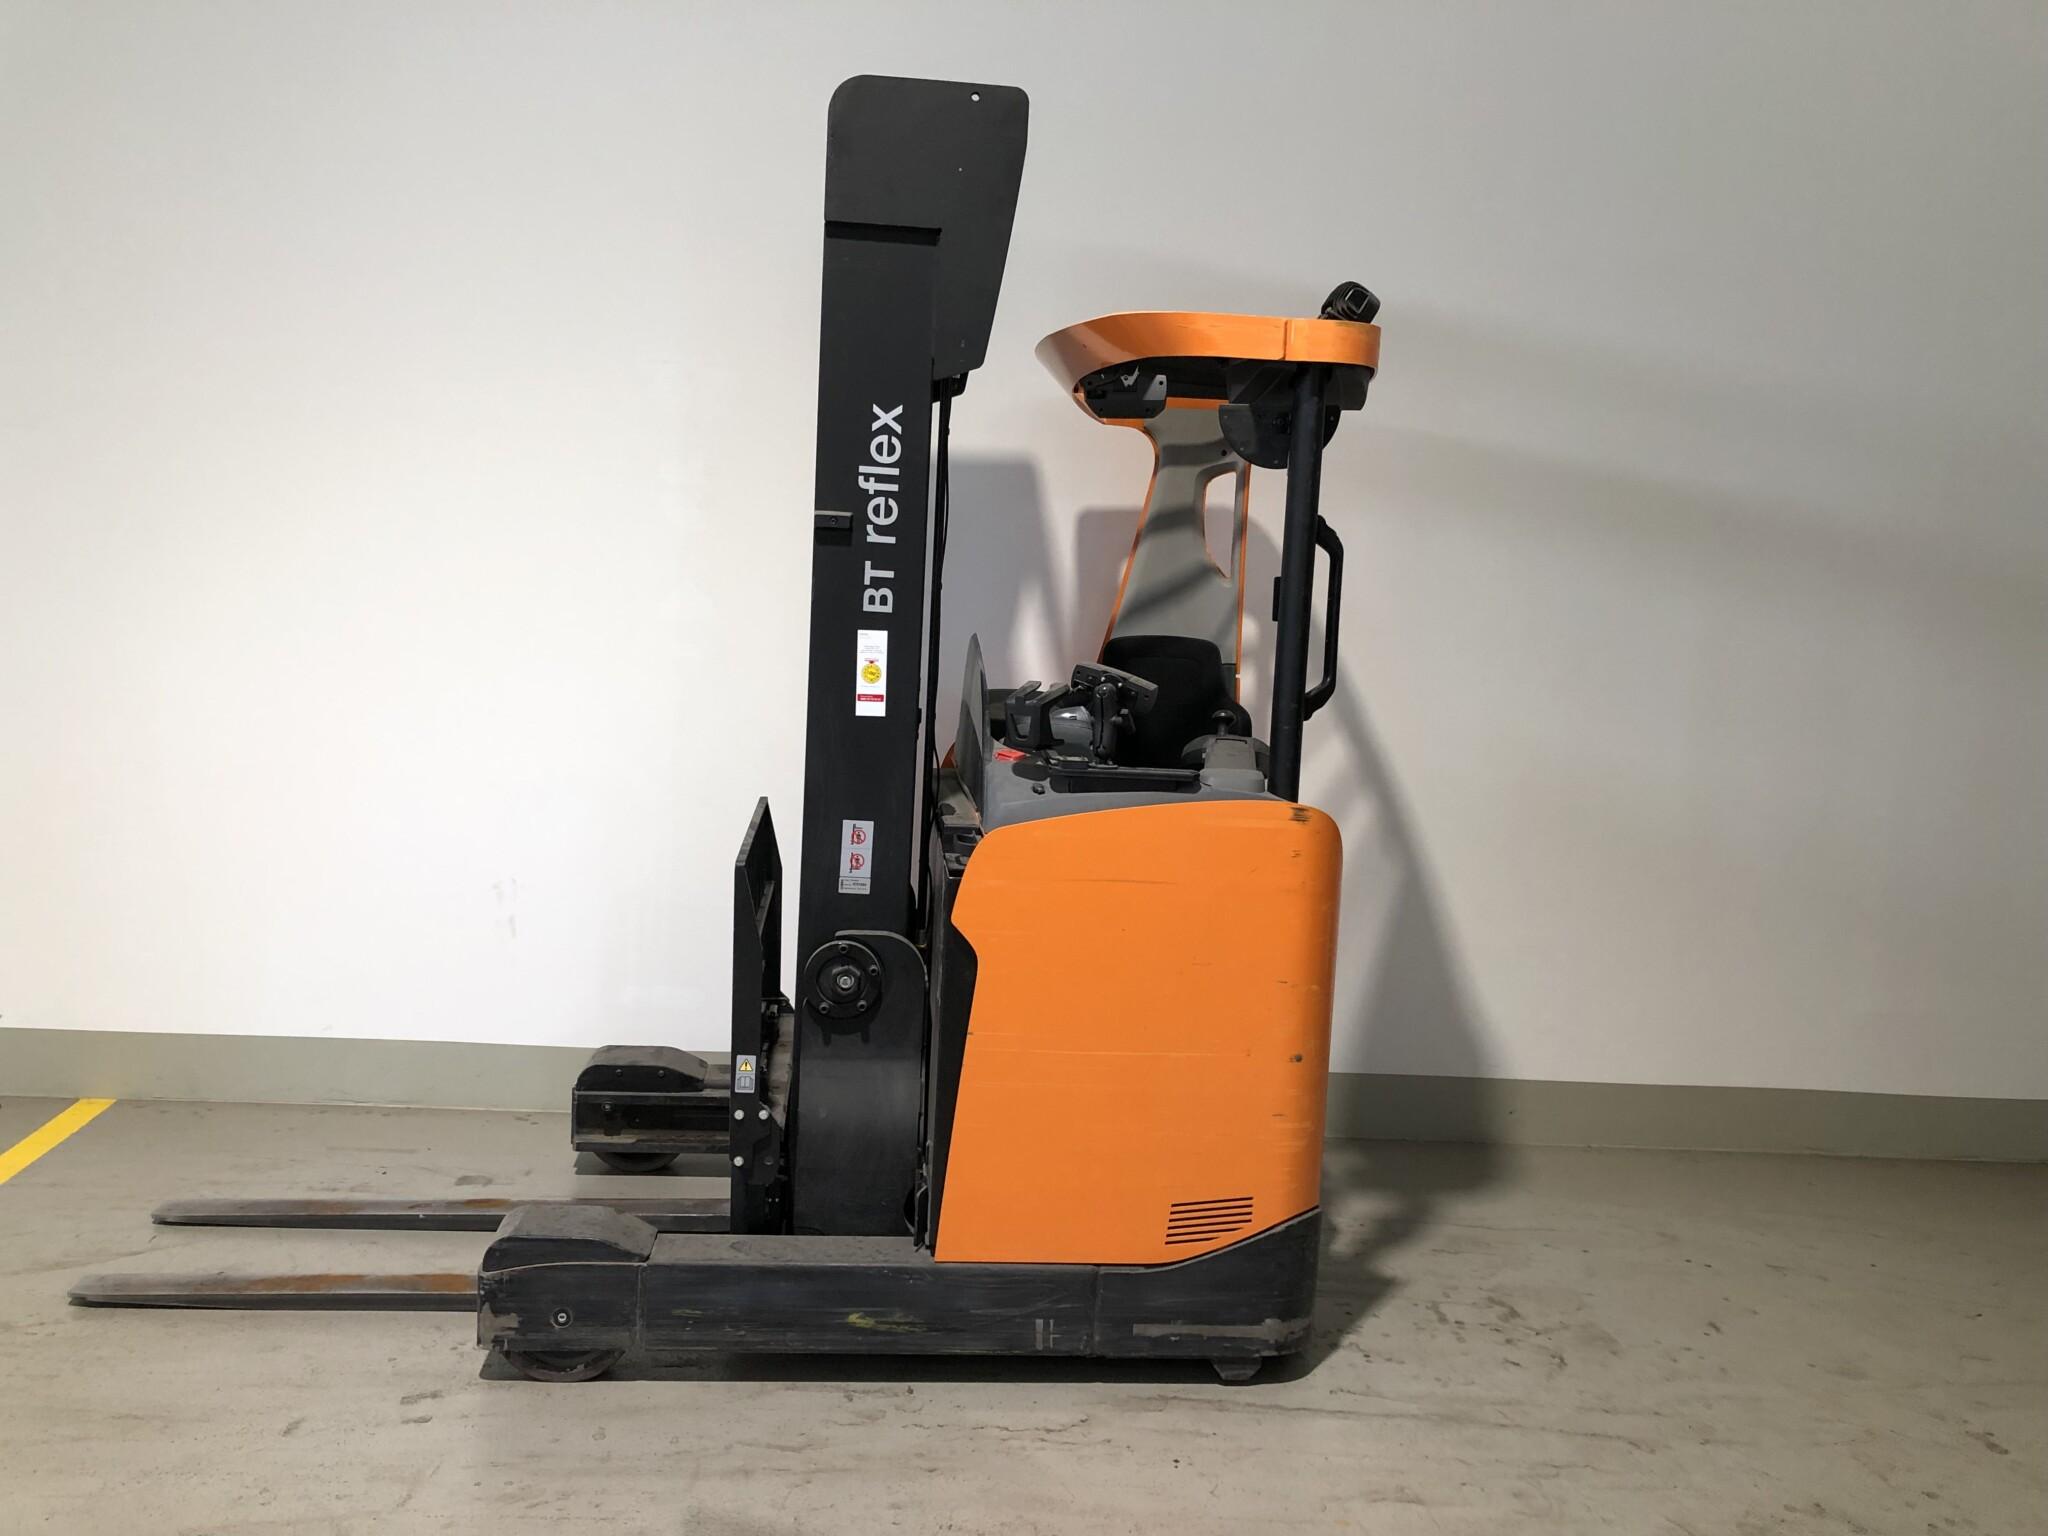 Toyota-Gabelstapler-59840 1706042820 1 scaled